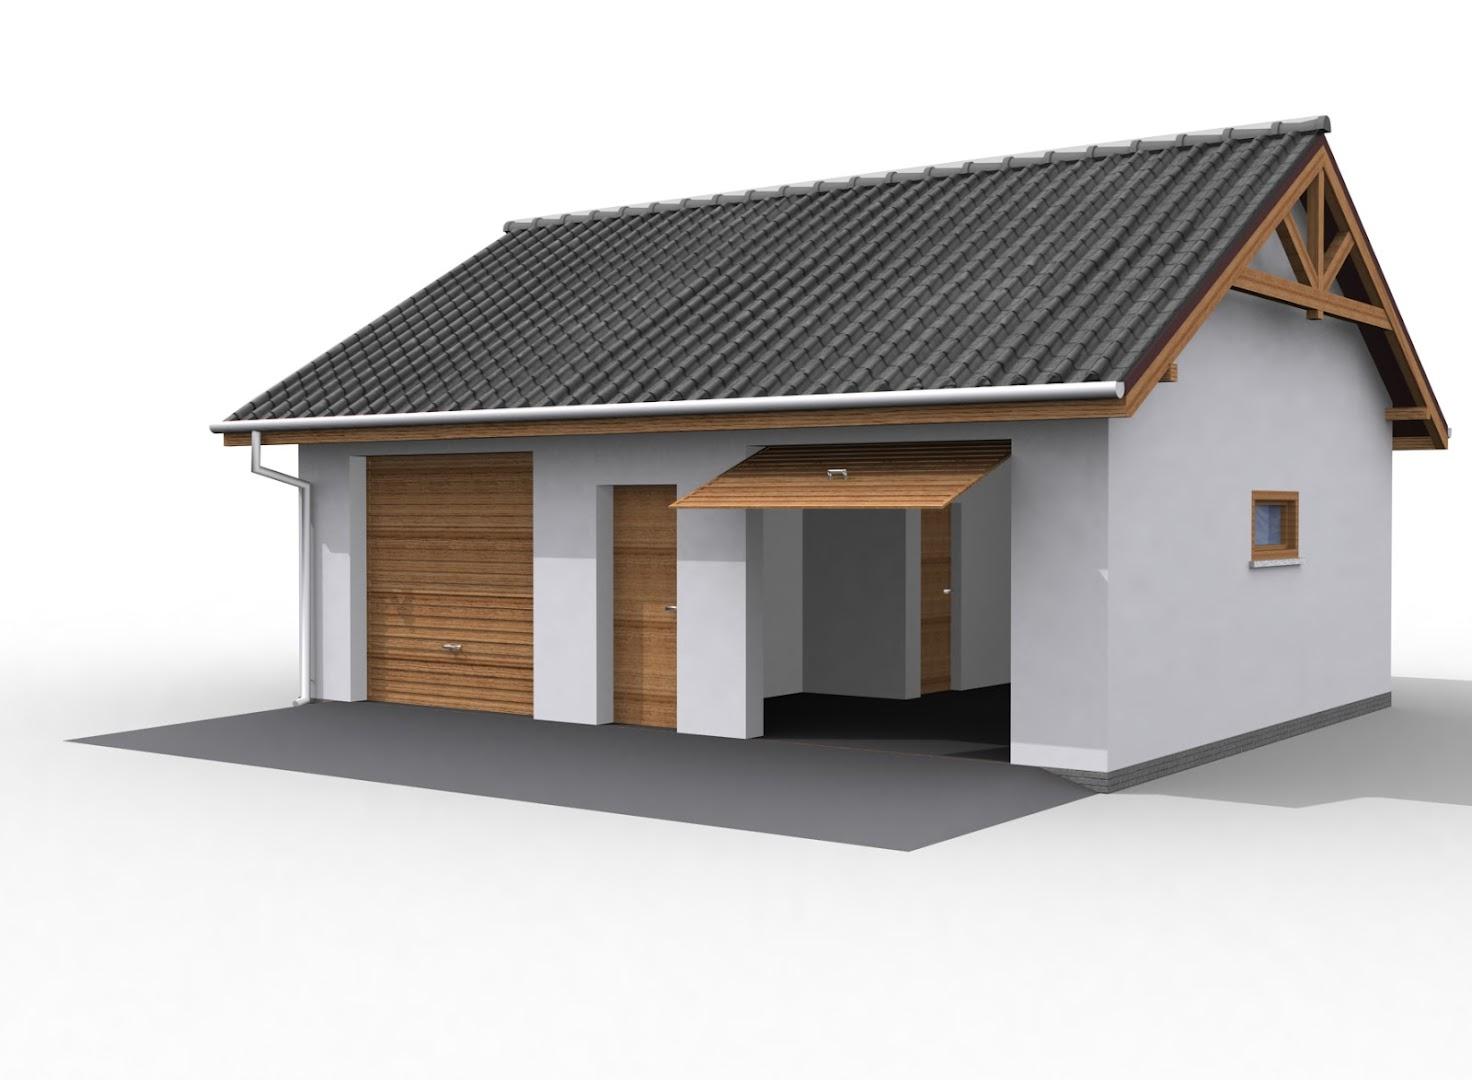 Projekt Garażu G11 Szkielet Drewniany Tsu 285 543m²